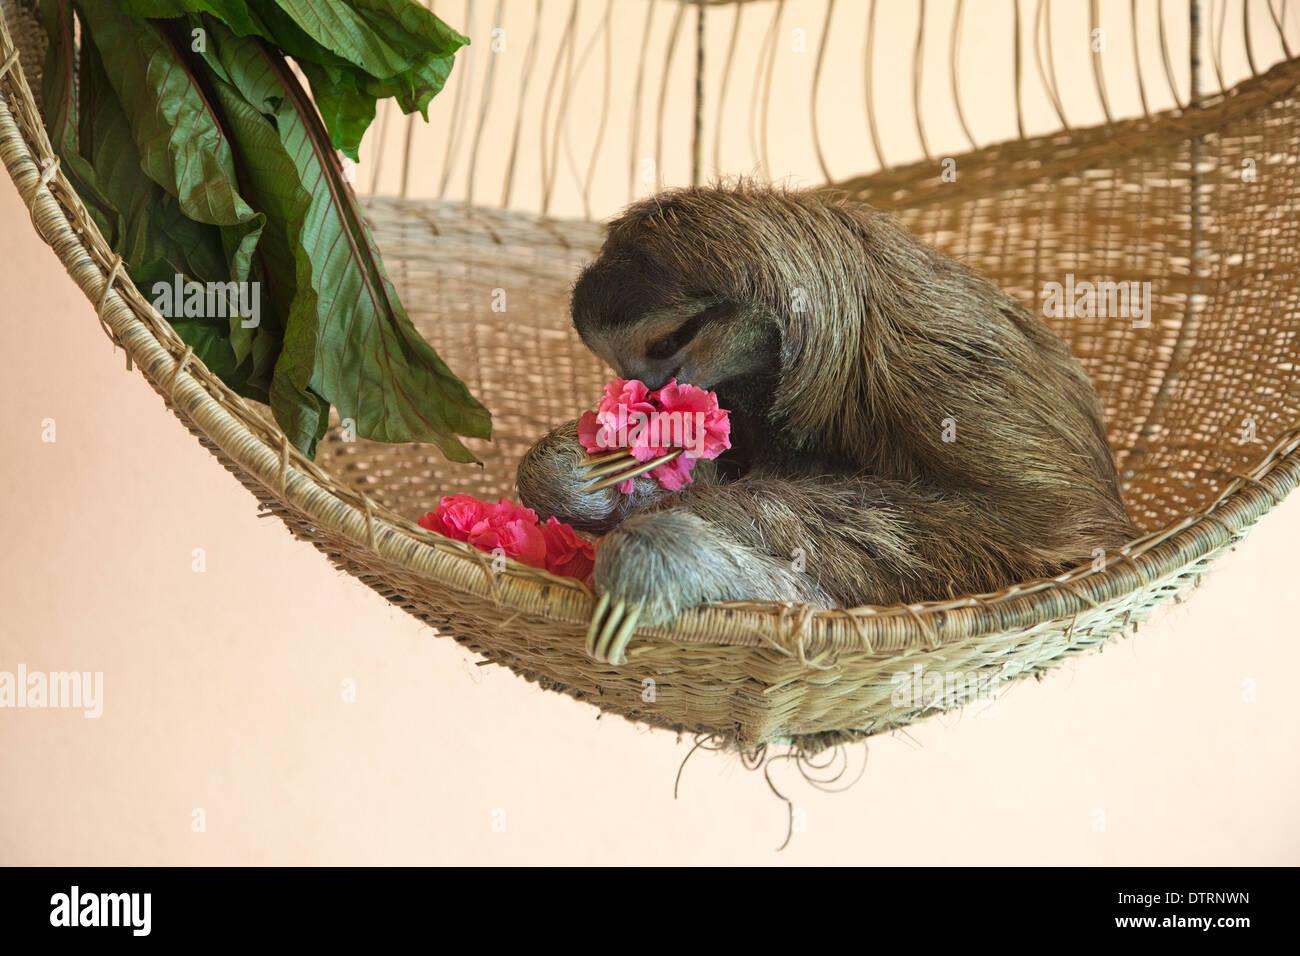 A sauvé trois-toed Sloth (Bradypus variegatus) manger une fleur d'hibiscus, propose de traiter, à l'indolence Sanctuaire de Costa Rica Photo Stock